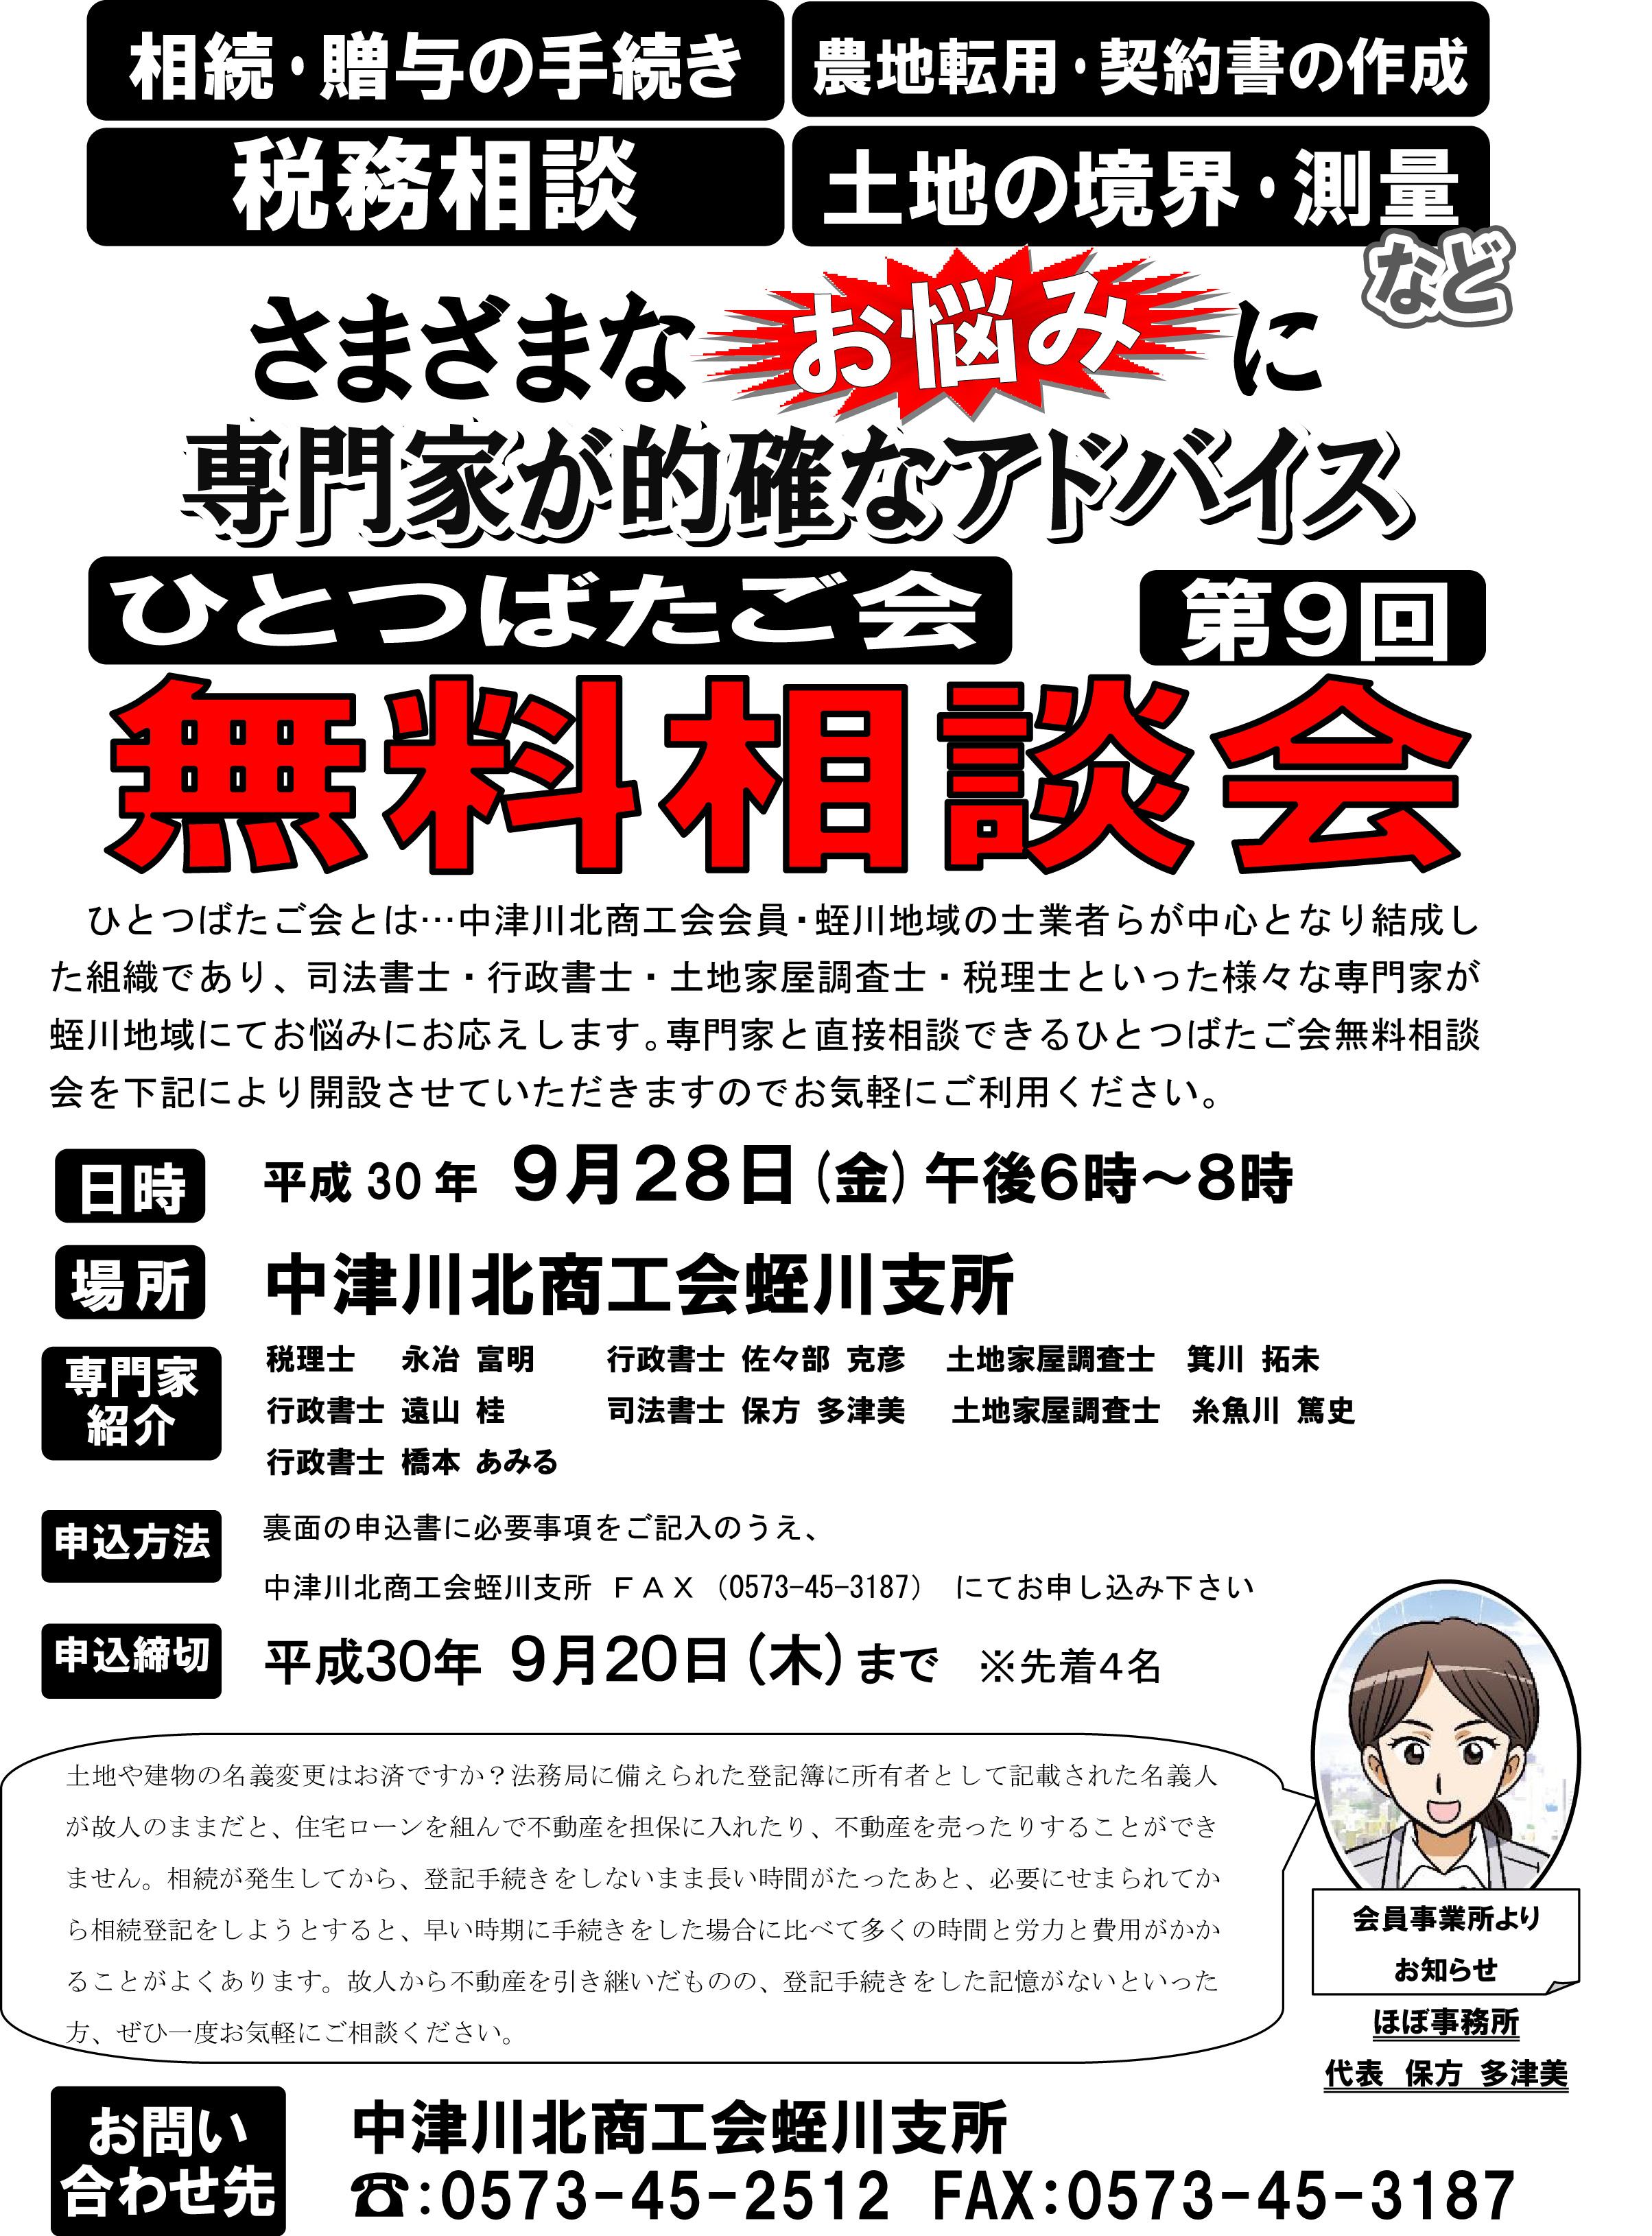 第9回無料相談会チラシ(フルカラー)1